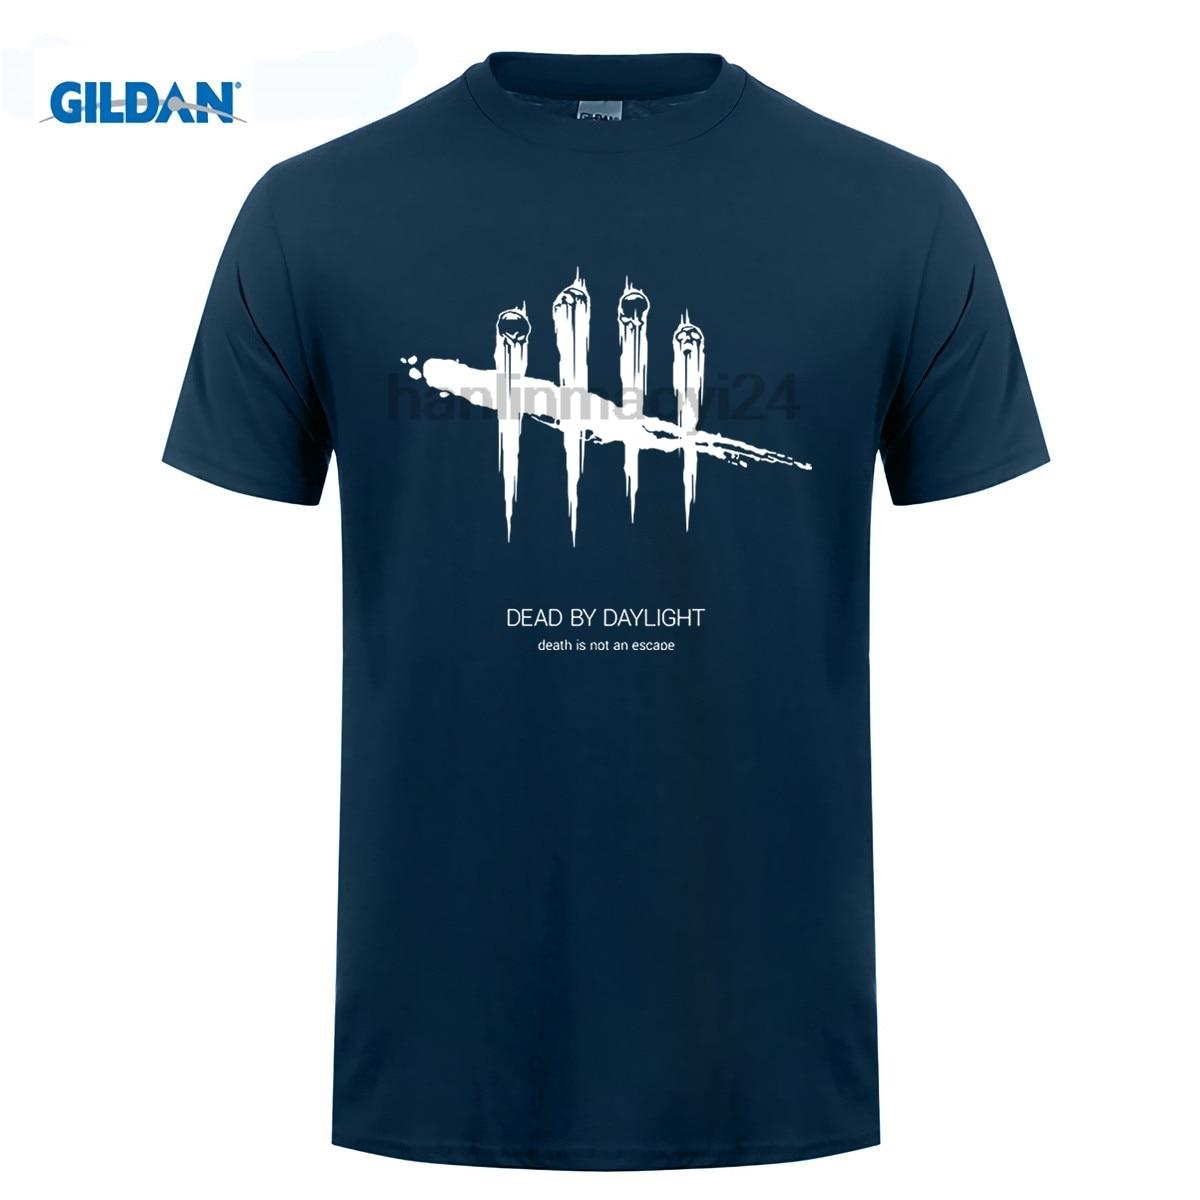 GILDAN Dead By Daylight T-Shirt